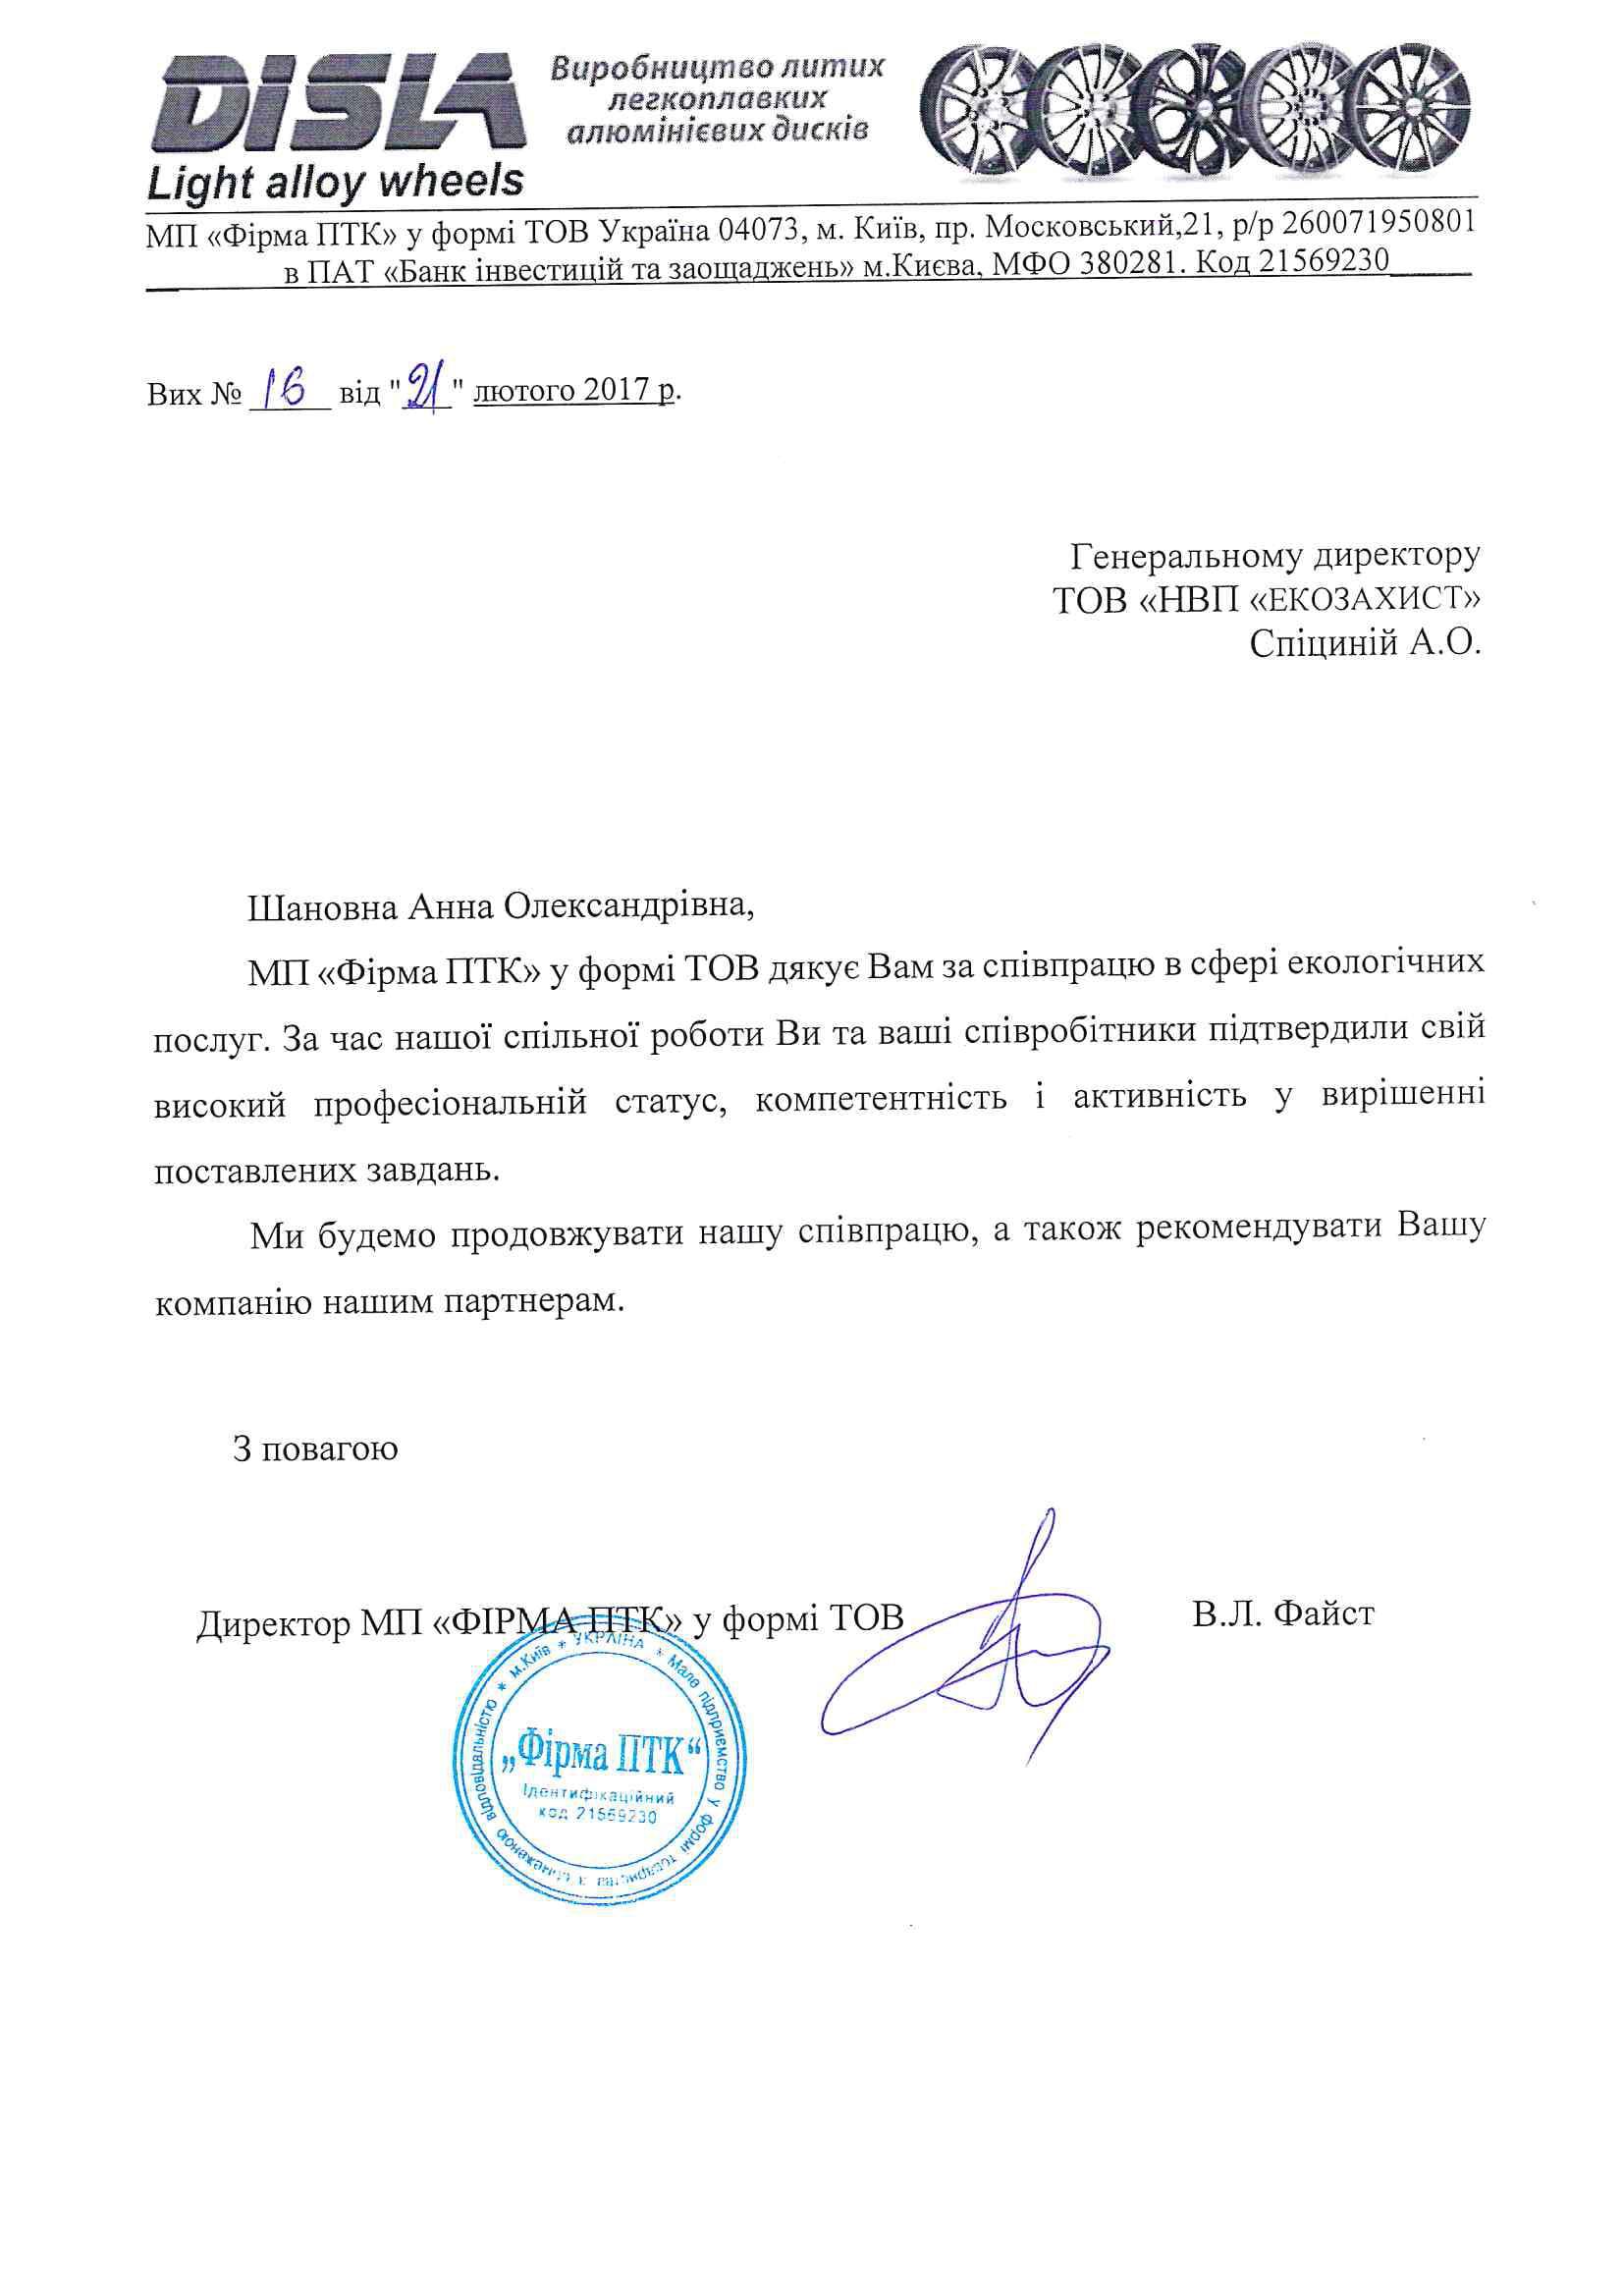 """Директор МП """"ФИРМА ПТК"""" в форме ООО – Файст В.Л."""